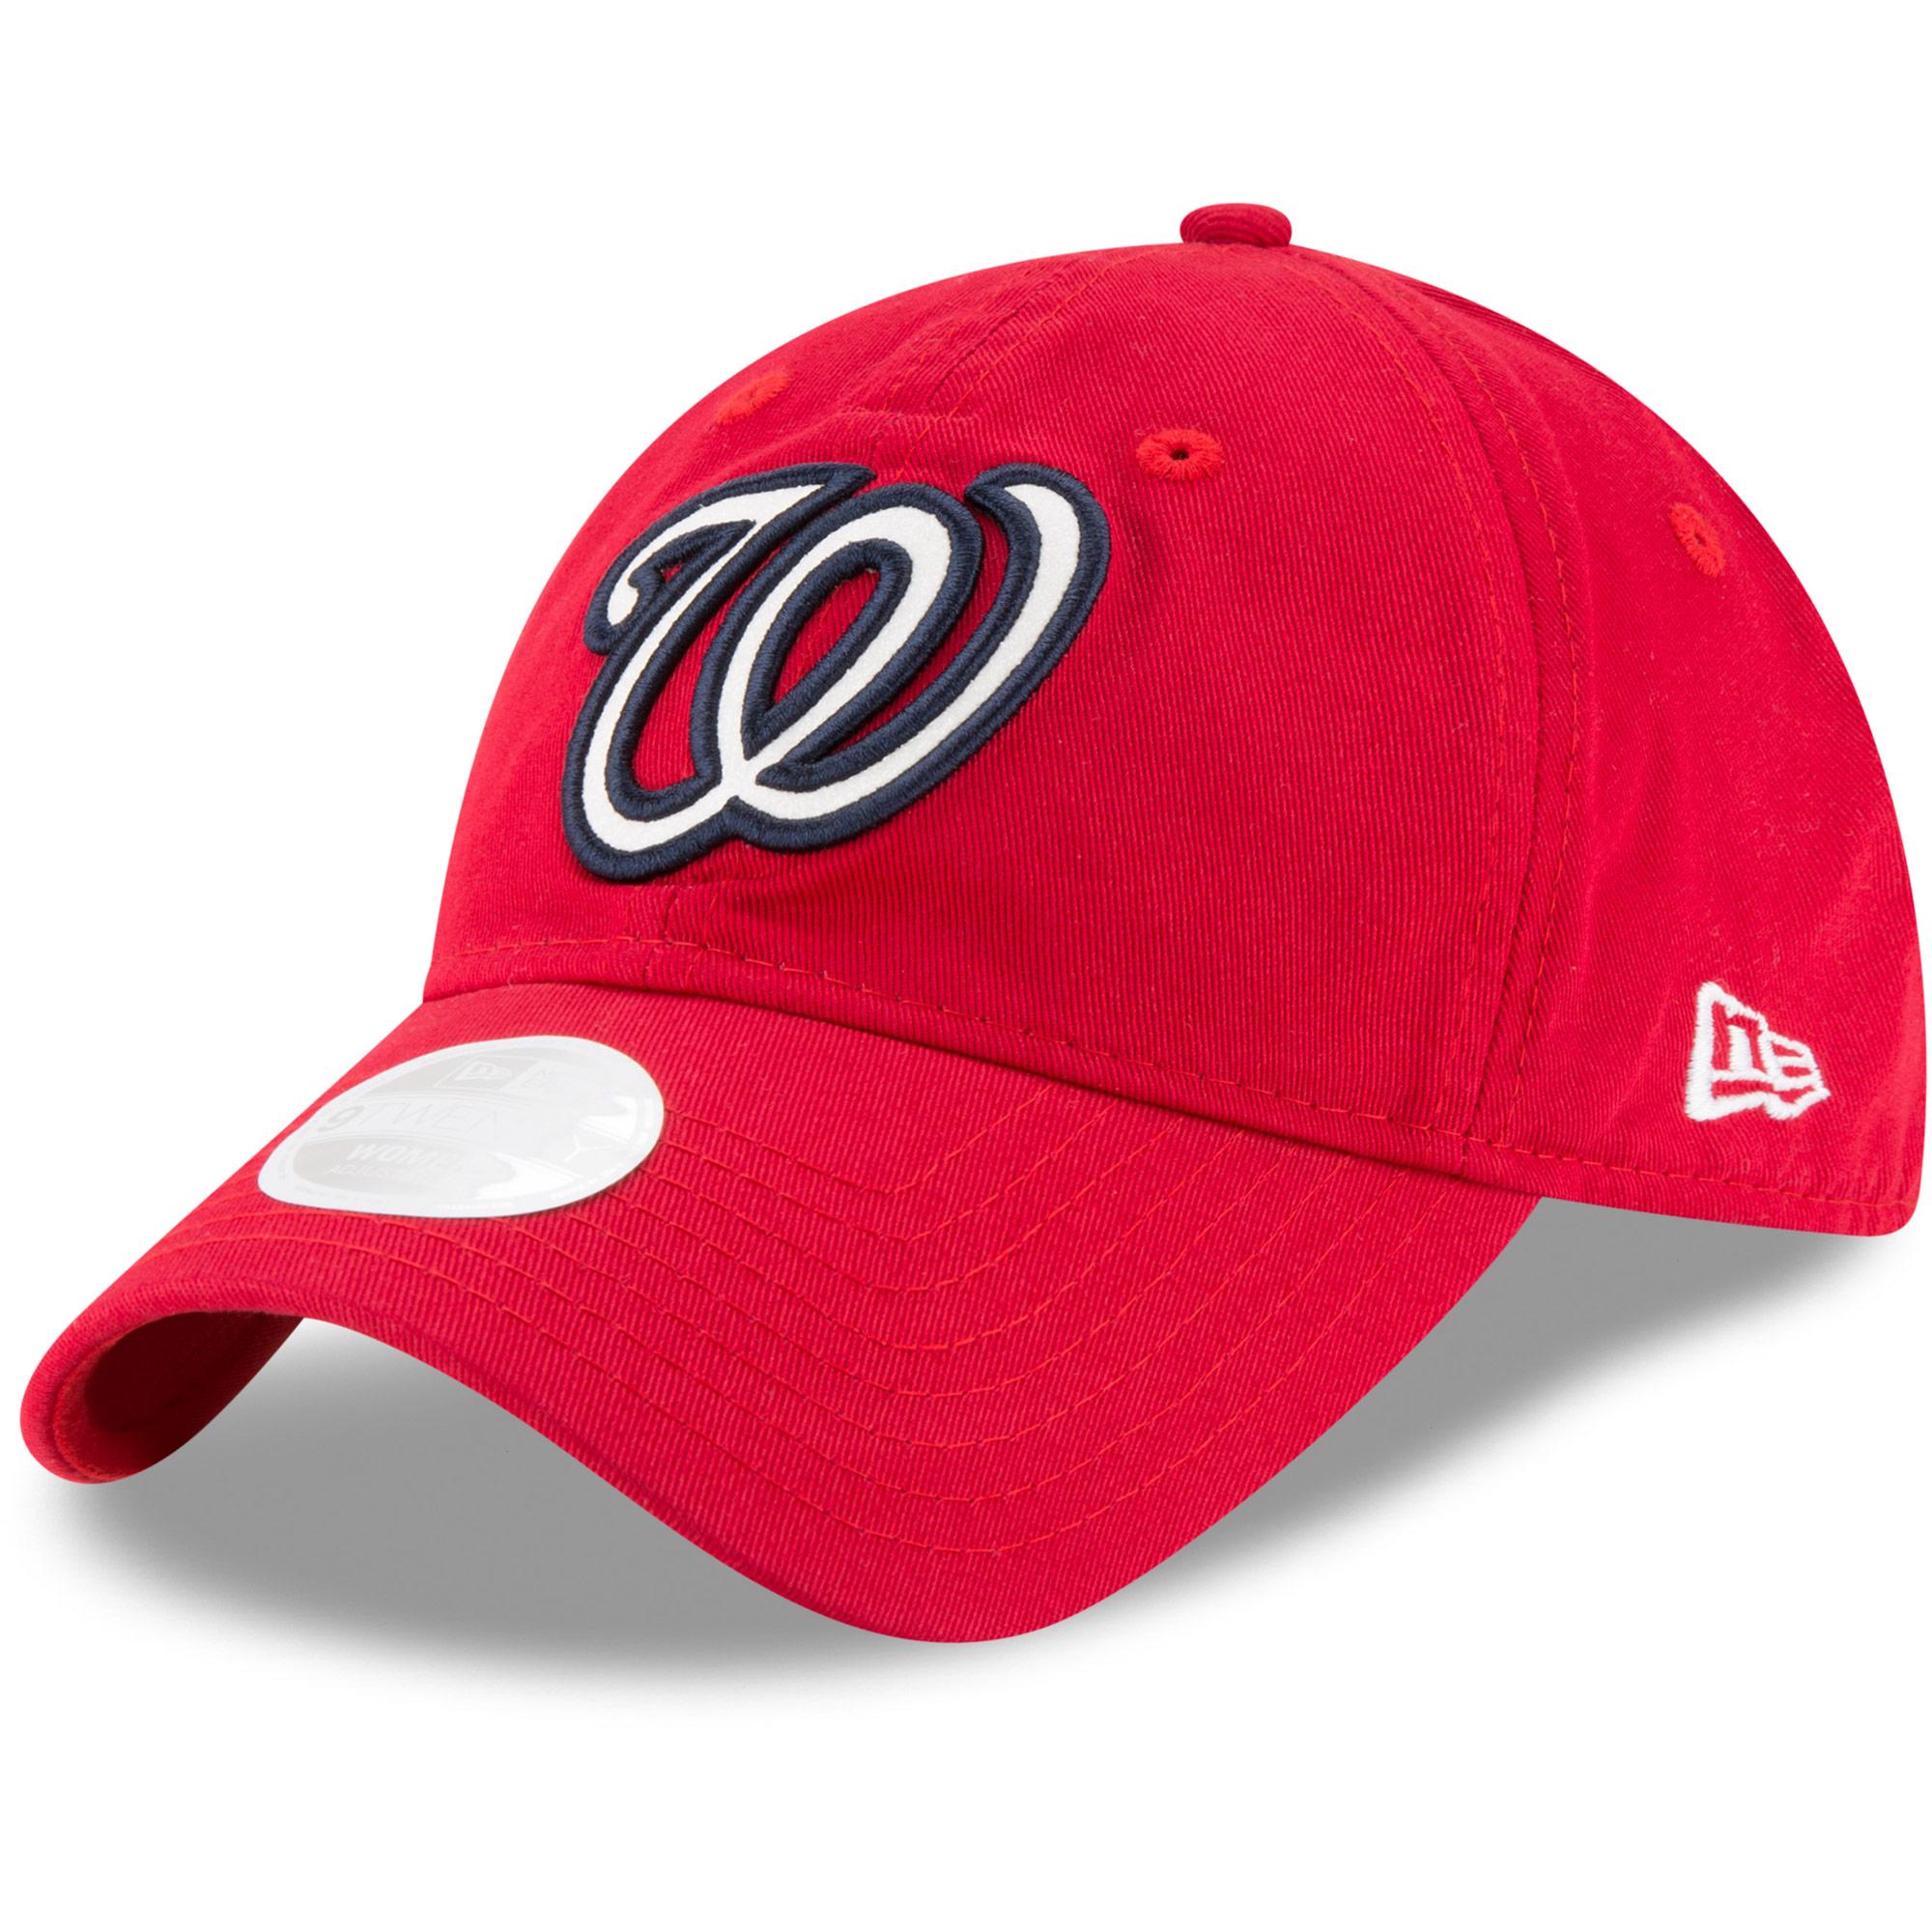 Washington Nationals New Era Women's Team Glisten 9TWENTY Adjustable Hat - Red - OSFA